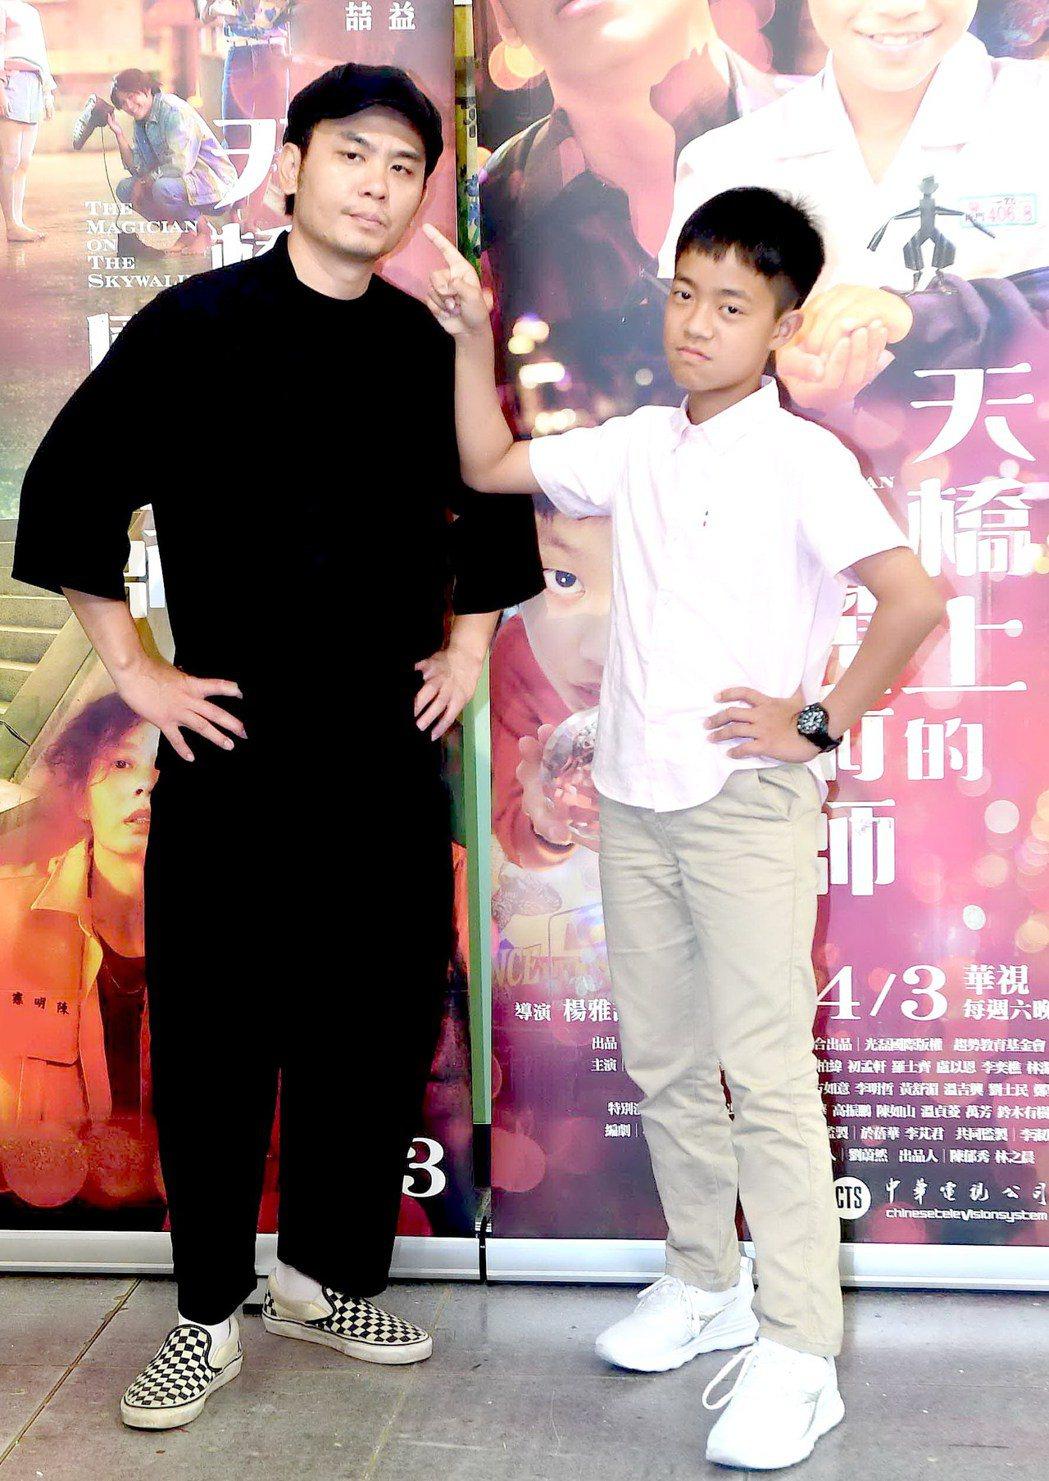 楊大正(左)、李奕樵在「天橋上的魔術師」中飾演父子,私下互動逗趣。圖/華視提供